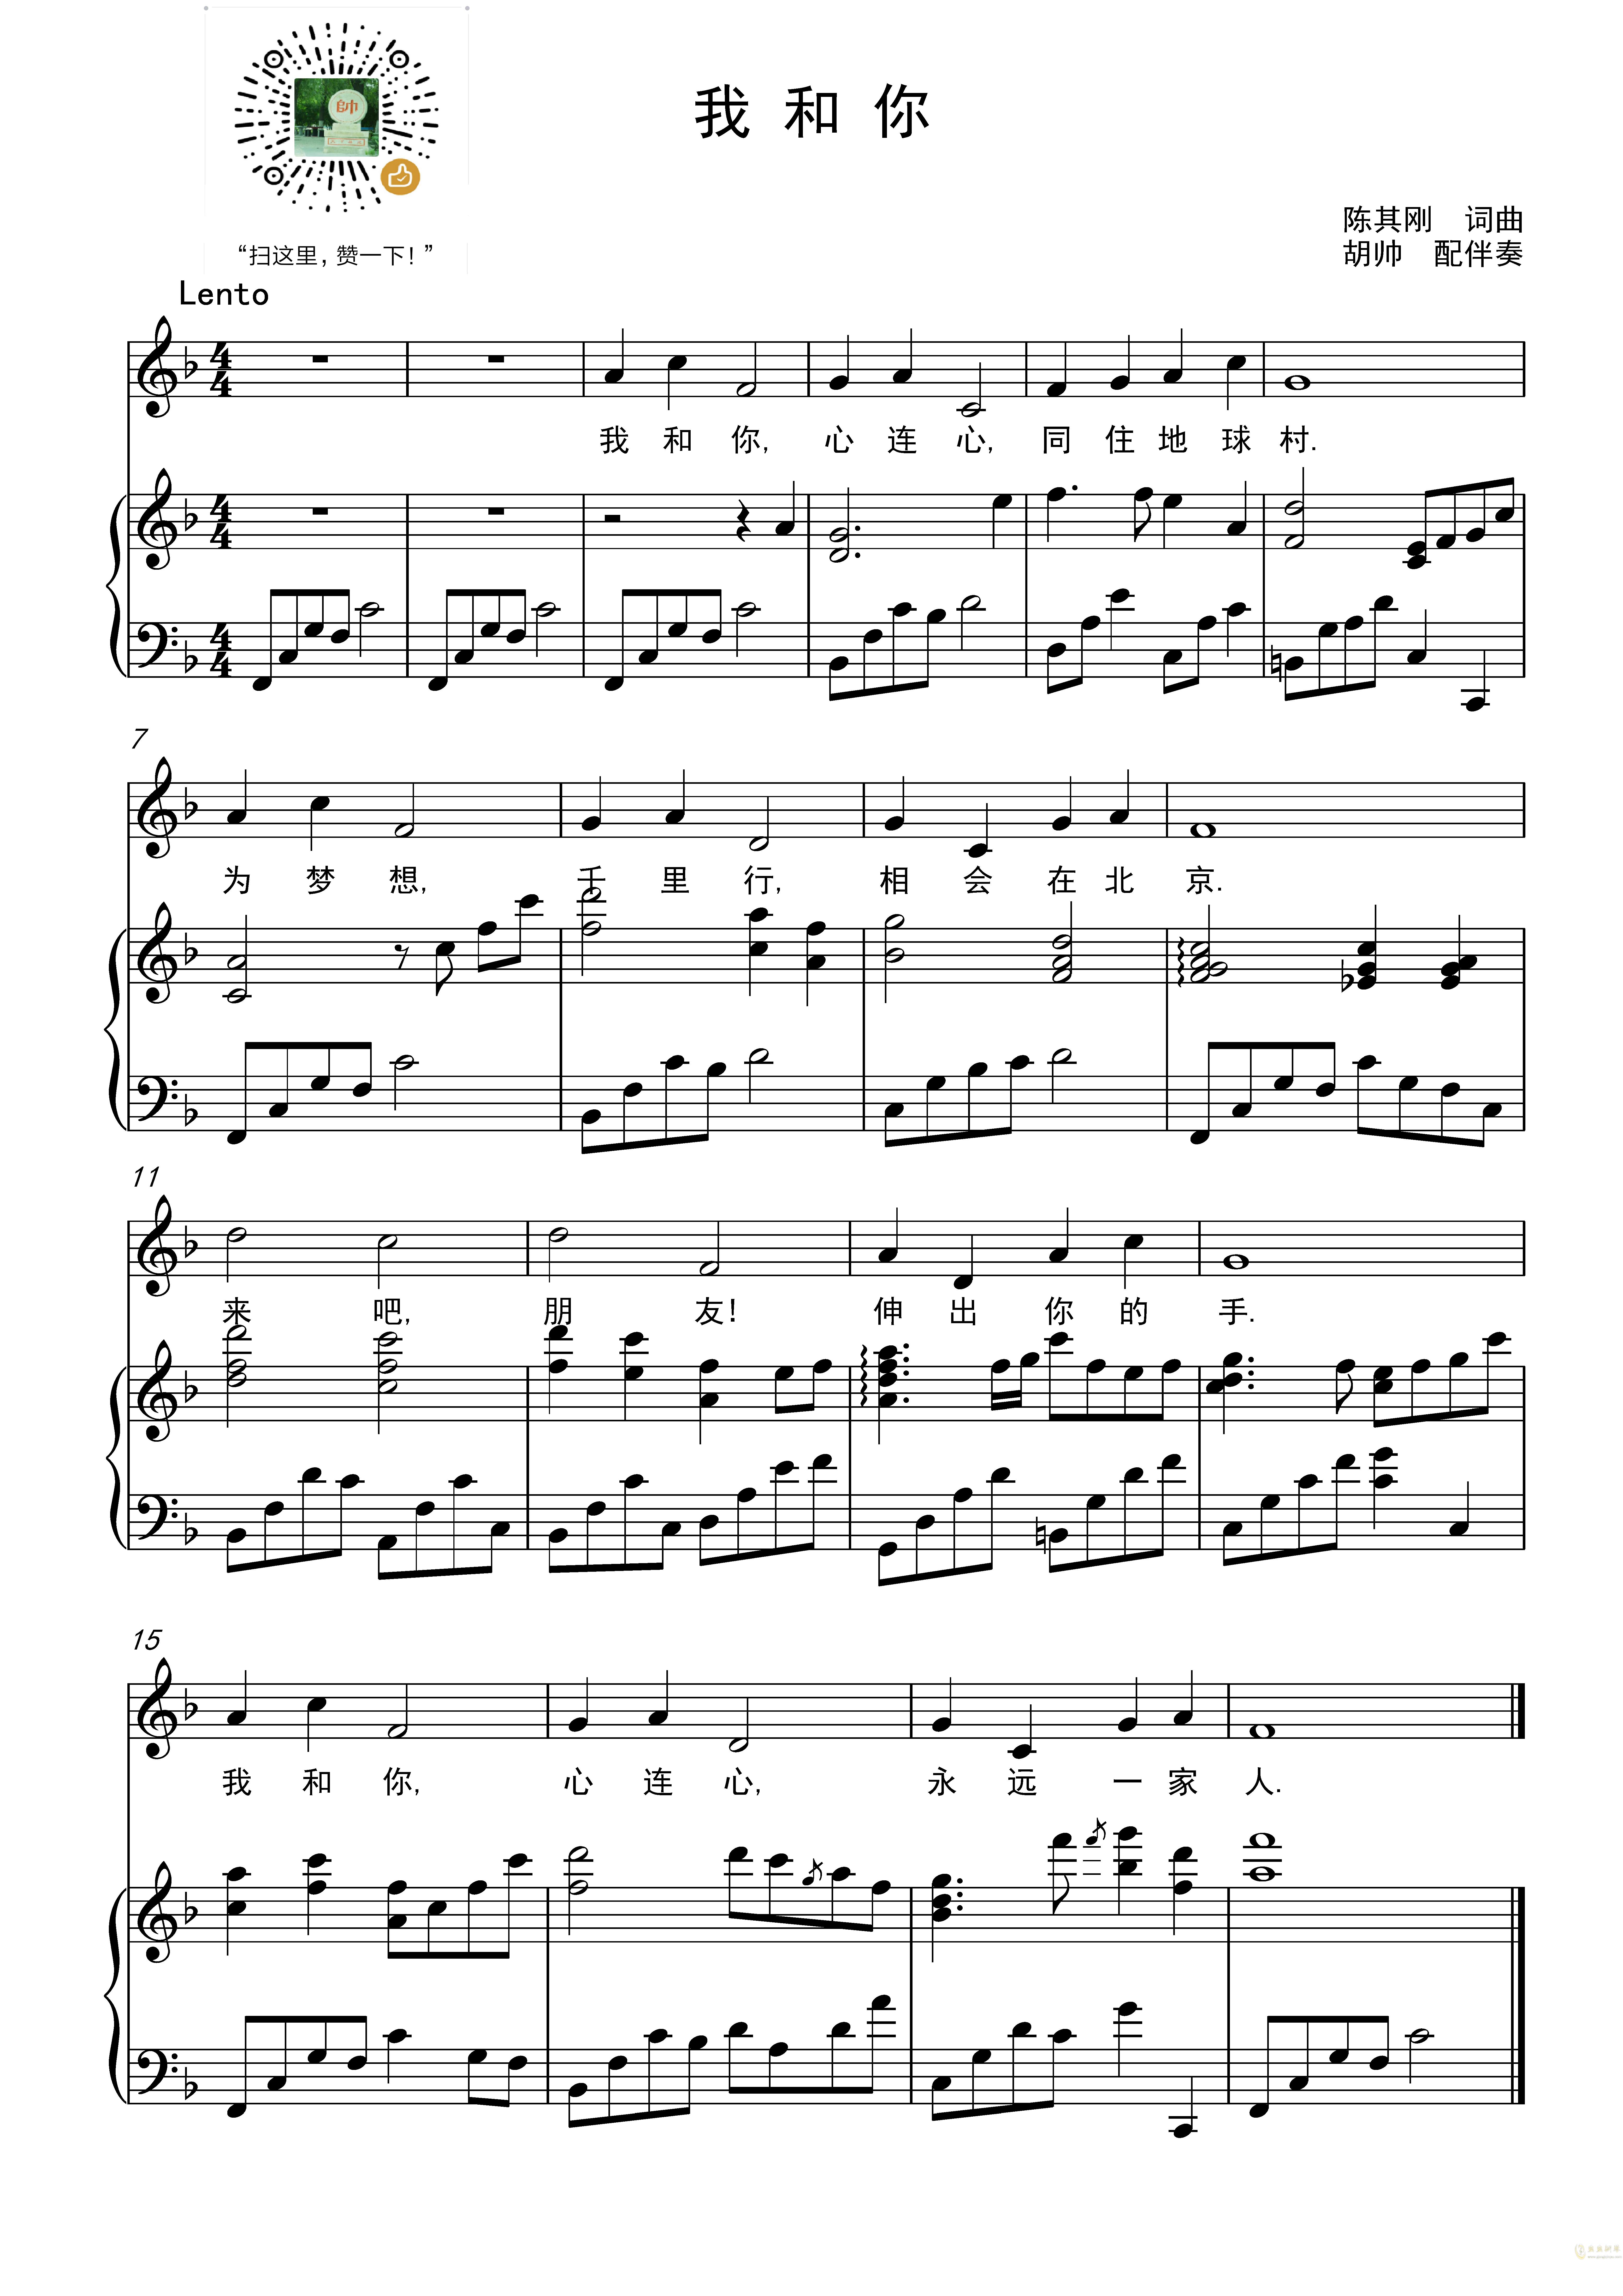 我和你ag88环亚娱乐谱 第1页